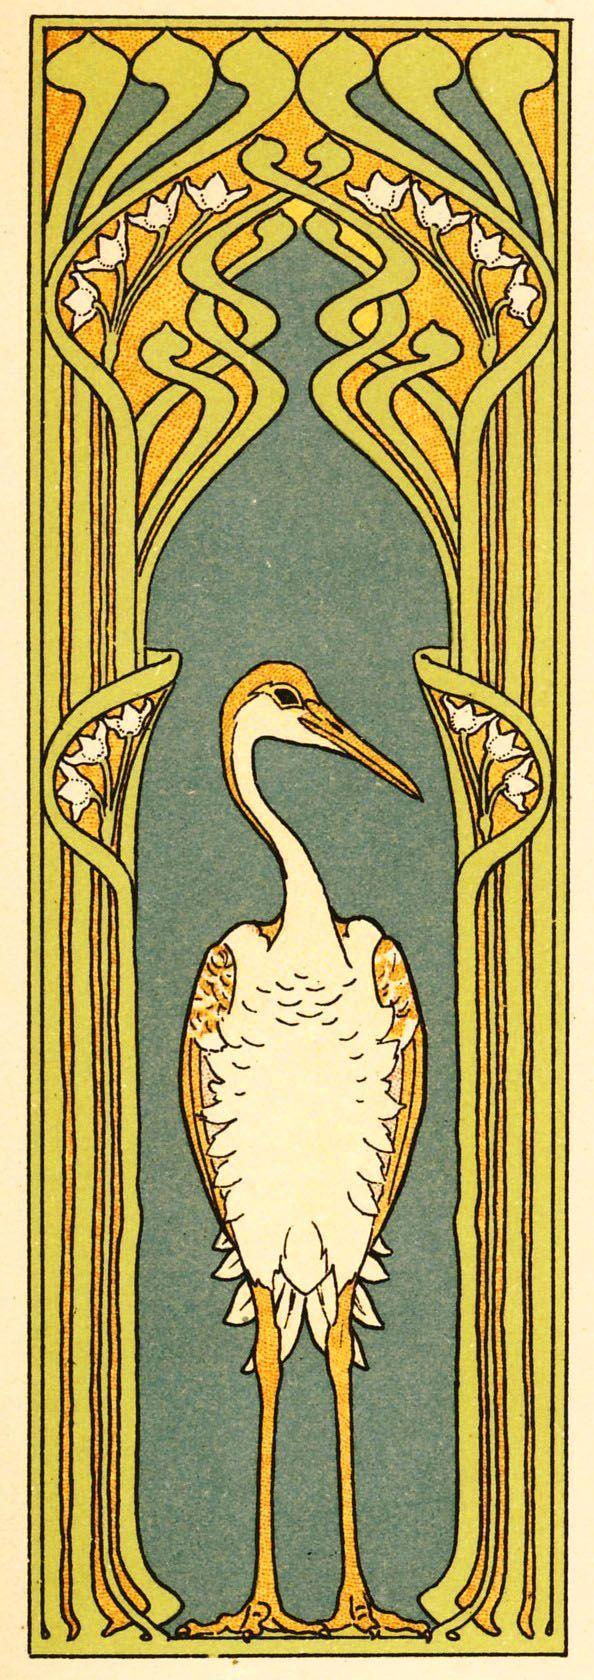 25 best Art nouveau nature images on Pinterest | Art nouveau, Art ...